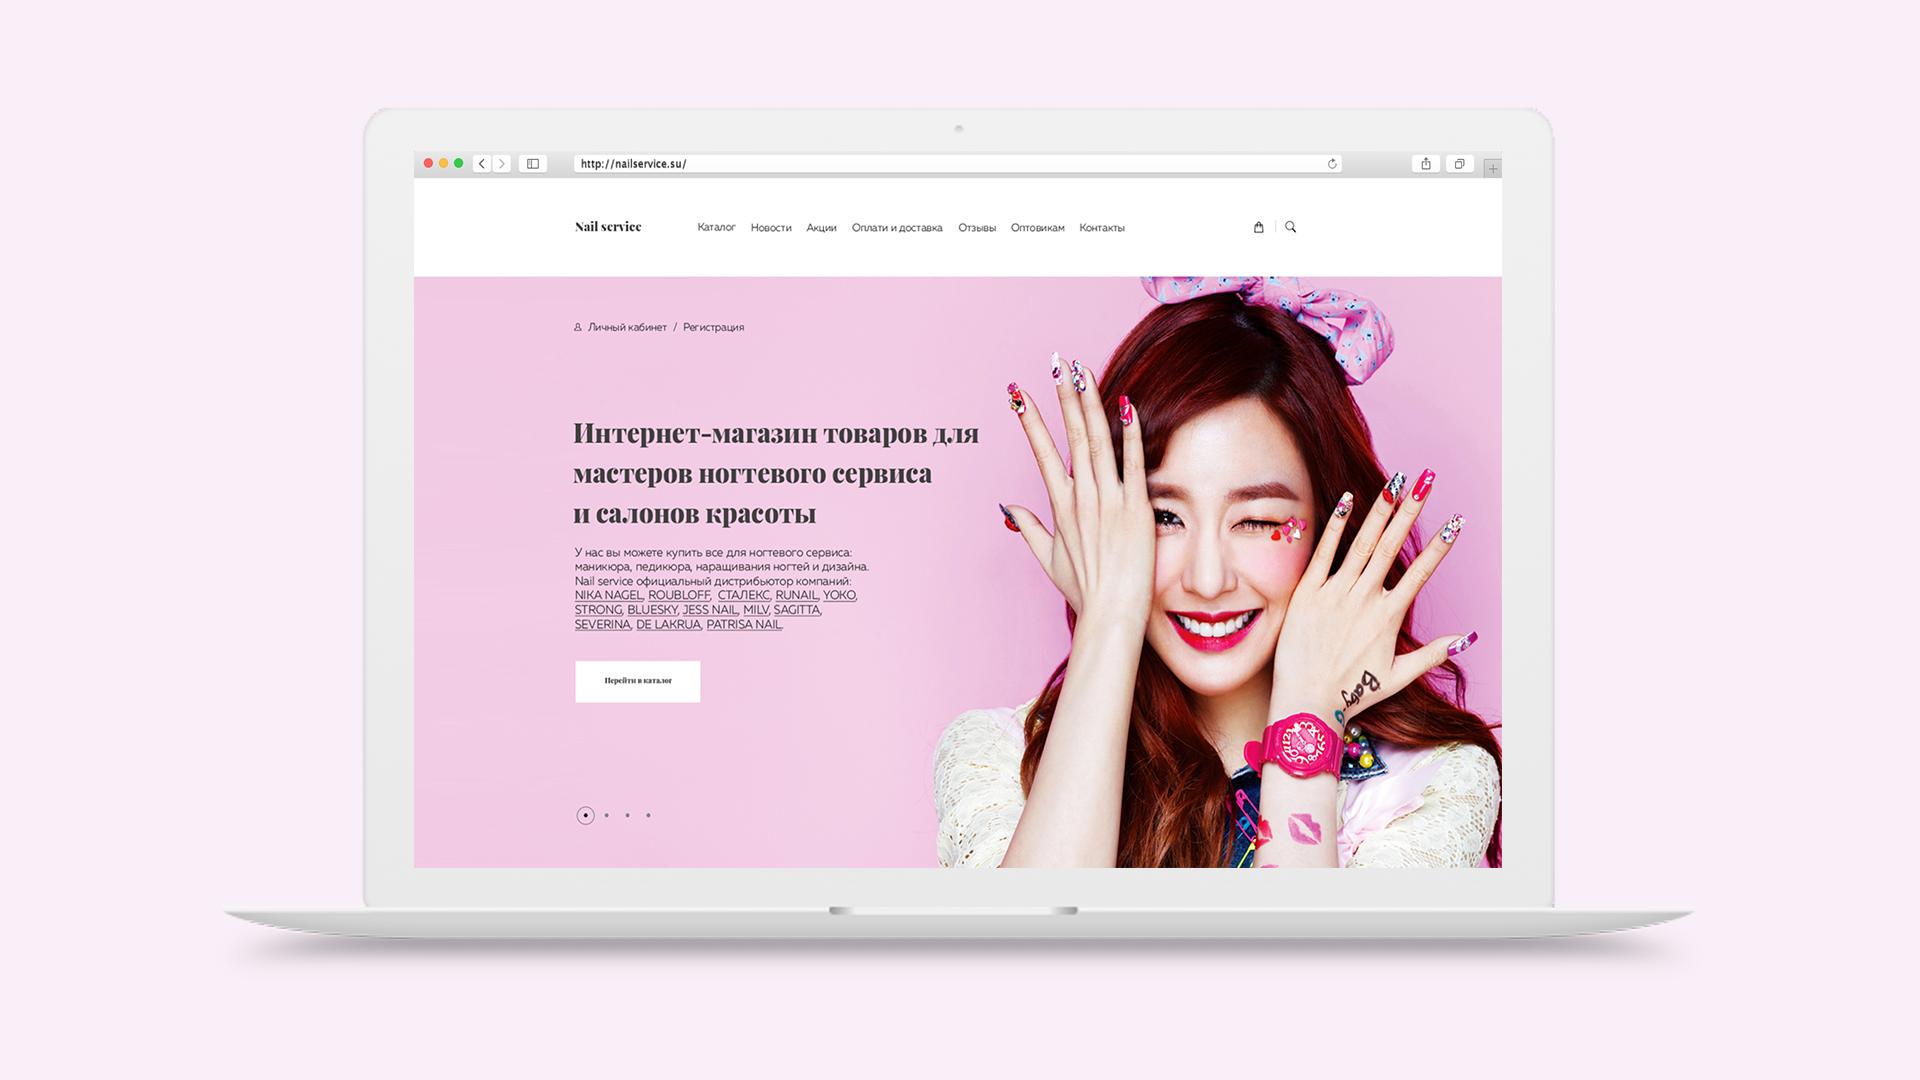 Разработка дизайна главной страницы сайта интернет-магазина фото f_331594e6b8ee3a51.png